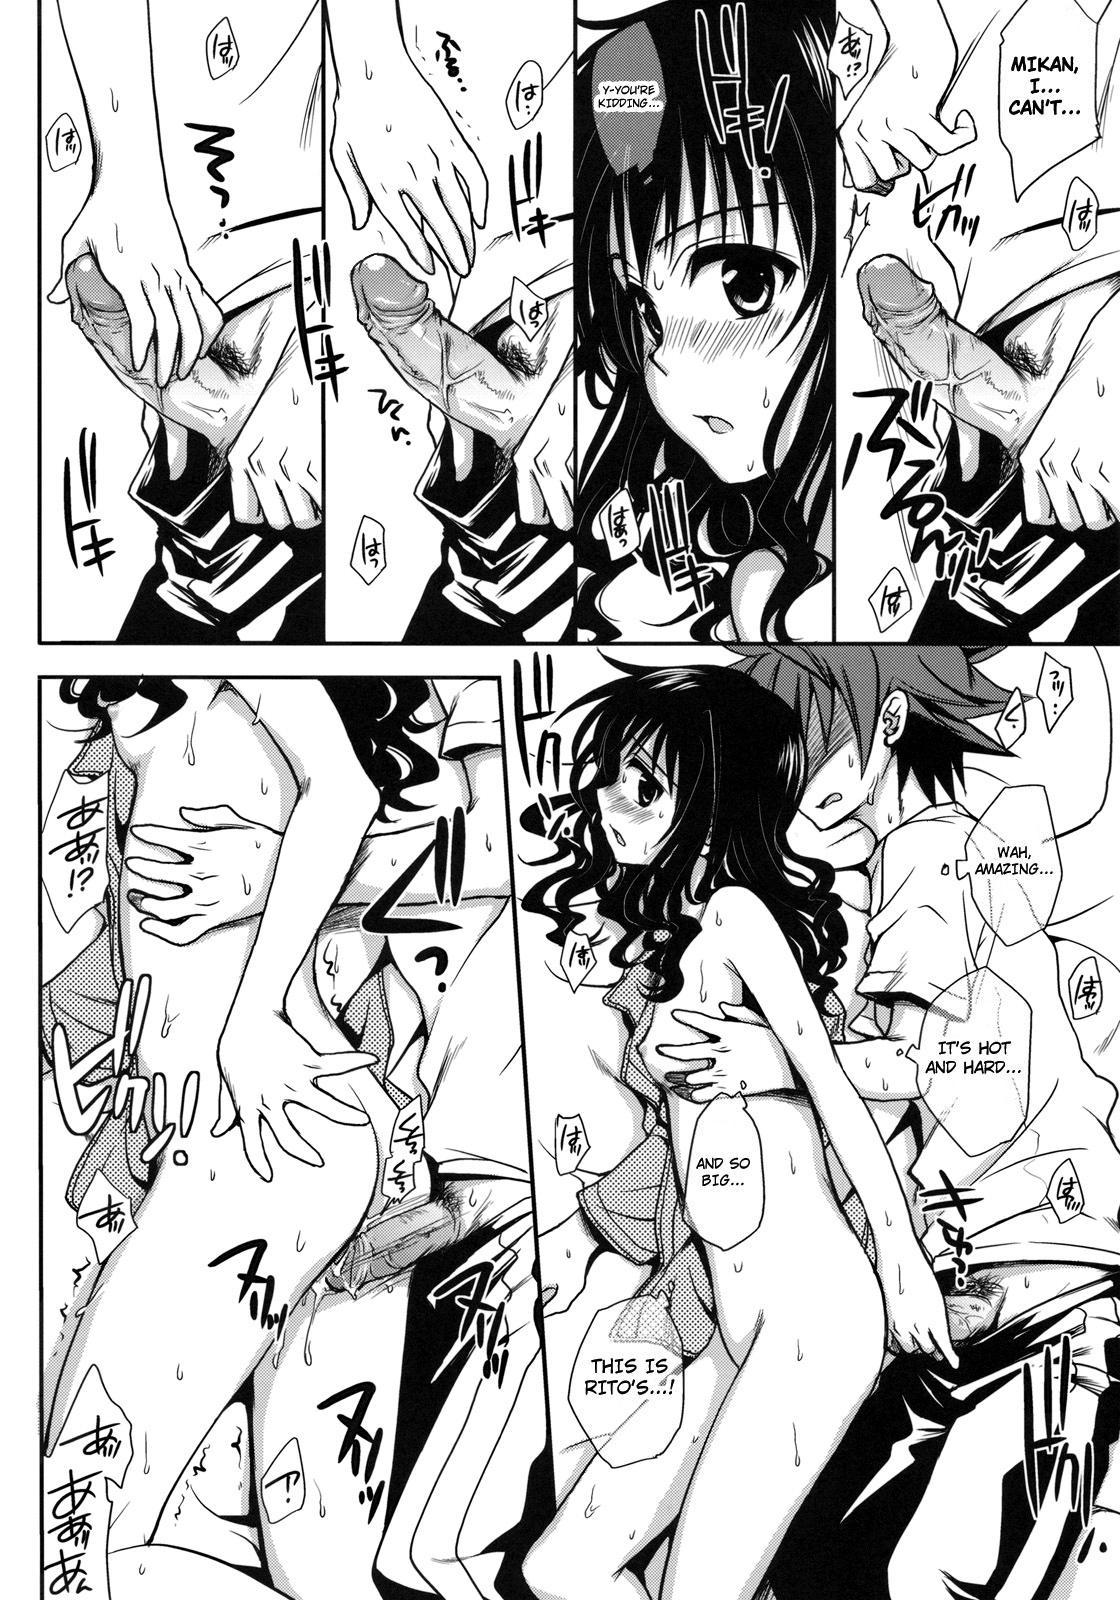 Imouto Mikan 18